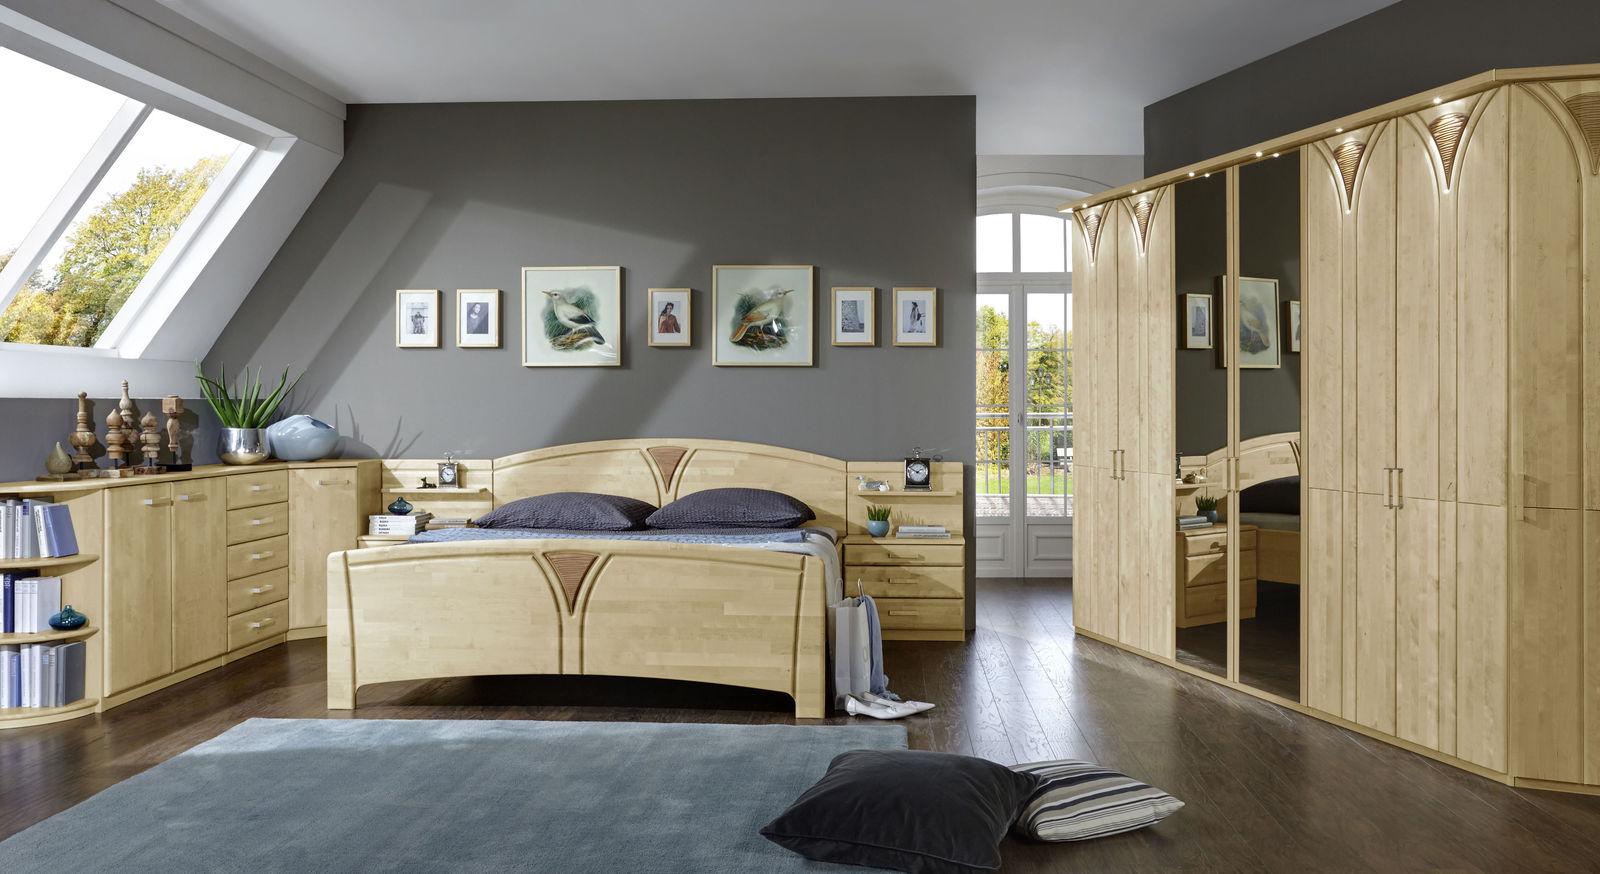 Stilvolles Komplett-Schlafzimmer Karia aus Birke und Dekor